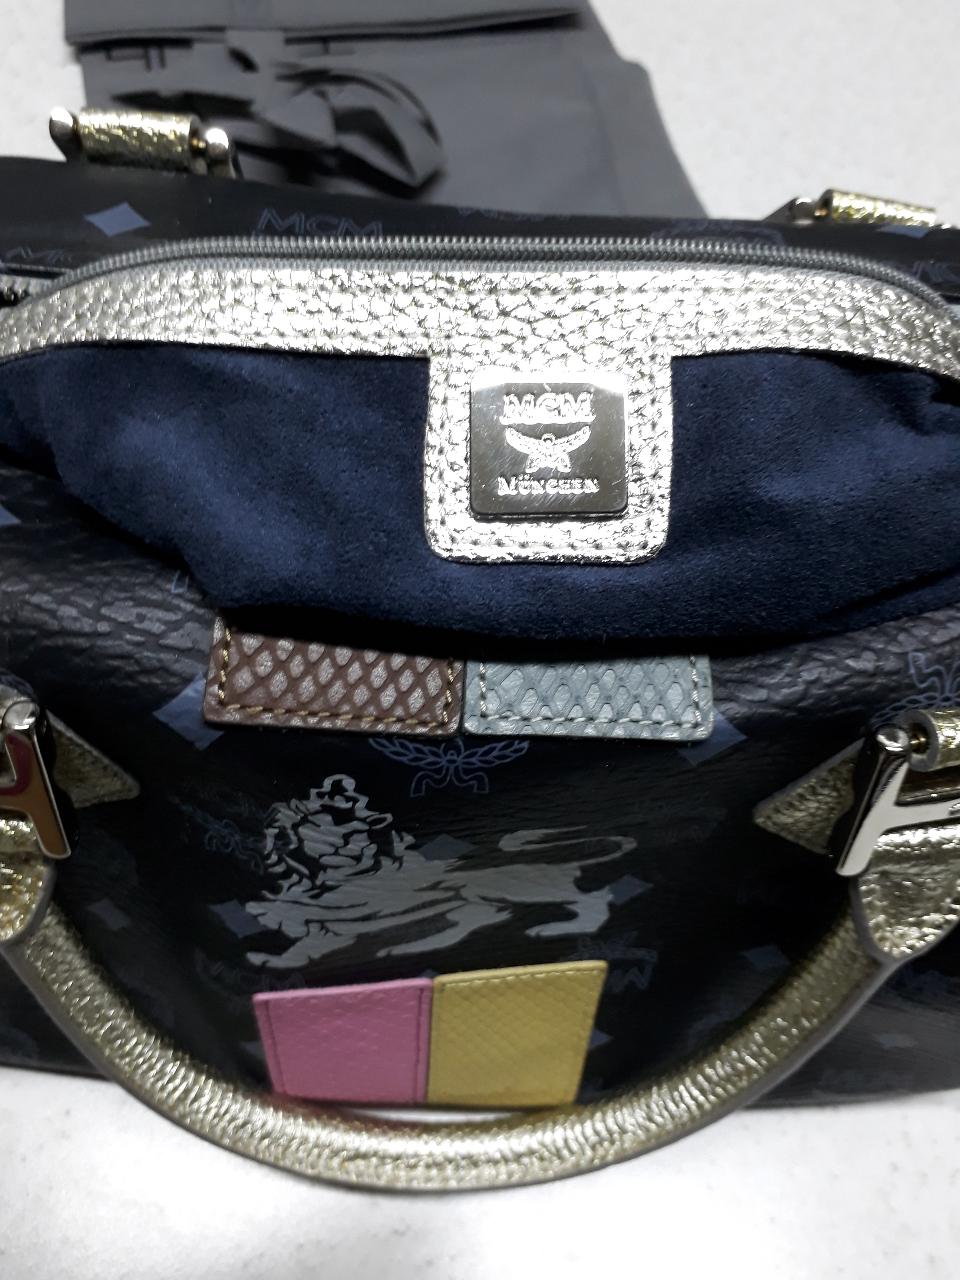 MCM 가방 (가격 내림)